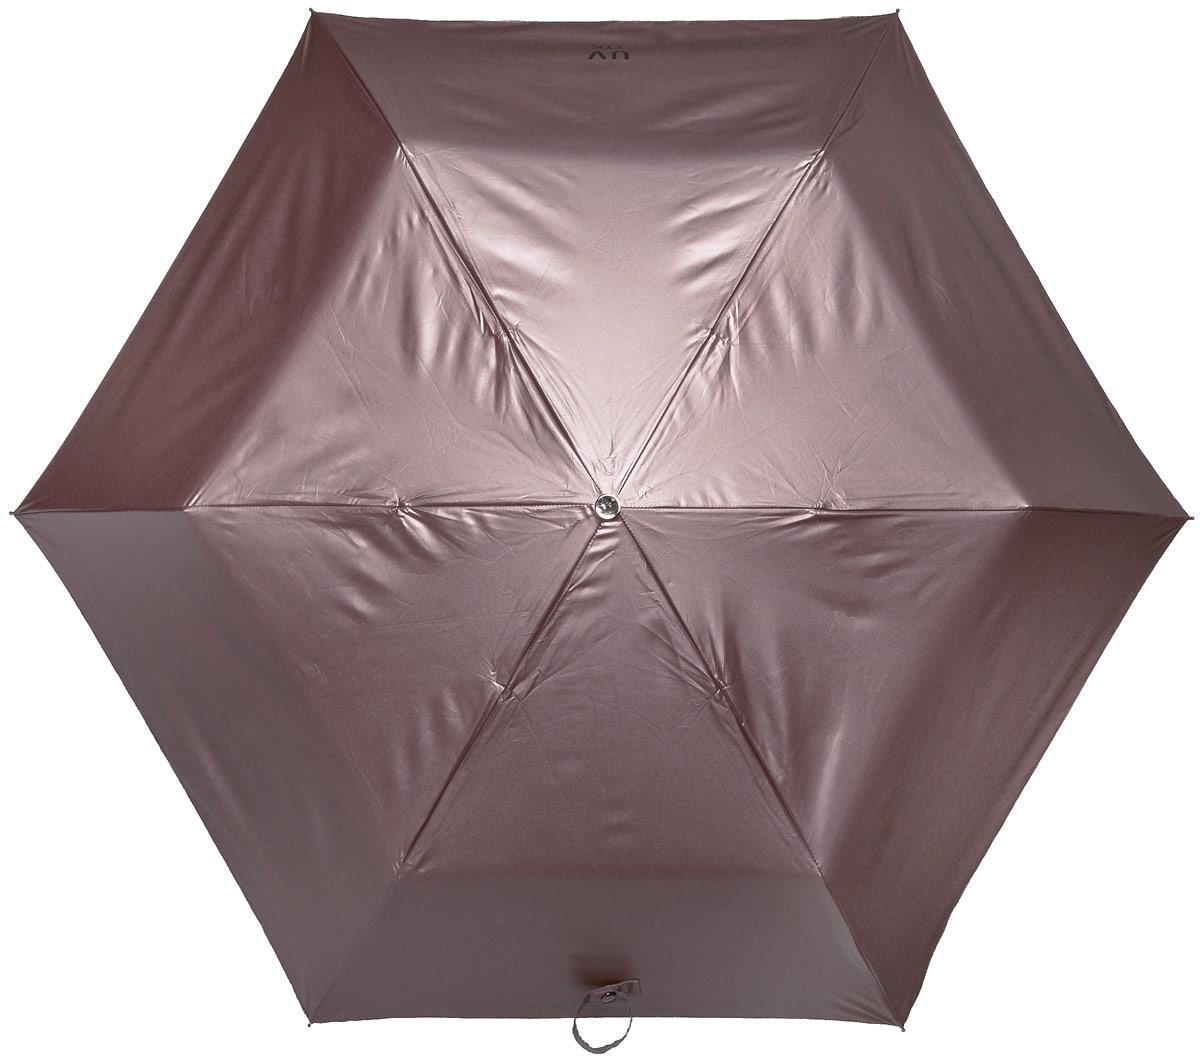 Зонт женский Эврика Звездное небо, механика, 3 сложения, цвет: тауп, черный. 9679596795Оригинальный зонт Эврика не оставит вас незамеченной. С внешней стороны купол оформлен с металлическим оттенком, а с внутренней - в виде черного неба с созвездиями. Стержень изделия изготовлен из металла. Купол выполнен из качественного нейлона, который не пропускает воду. Зонт состоит из шести спиц, изготовленных из металла с элементами из пластика и пластиковой ручки. Зонт имеет механический способ сложения: и купол, и стержень открываются вручную до характерного щелчка. Ручка дополнена петлей, благодаря которой зонт можно носить на запястье. К зонту прилагается чехол. Благодаря своему небольшому размеру, зонт легко пометится в сумку. Раскрыв зонт можно увидеть внутри ночное небо с созвездиями. Зонт-планетарий станет отличным подарком и надежной защитой от непогоды.